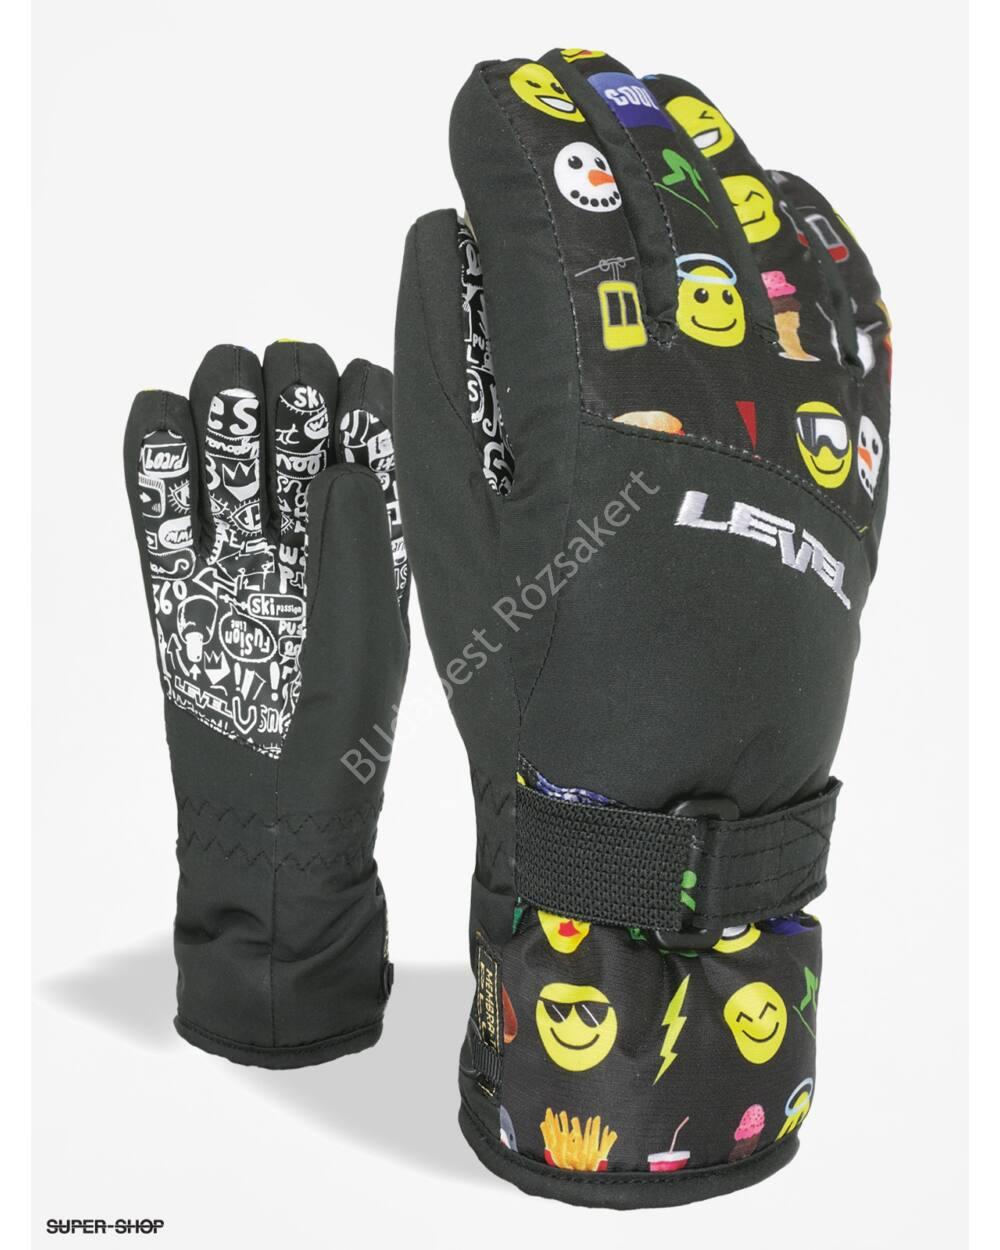 Level Glove Junior Dark gyerek síkesztyű, fekete mintás, 5-6 éves